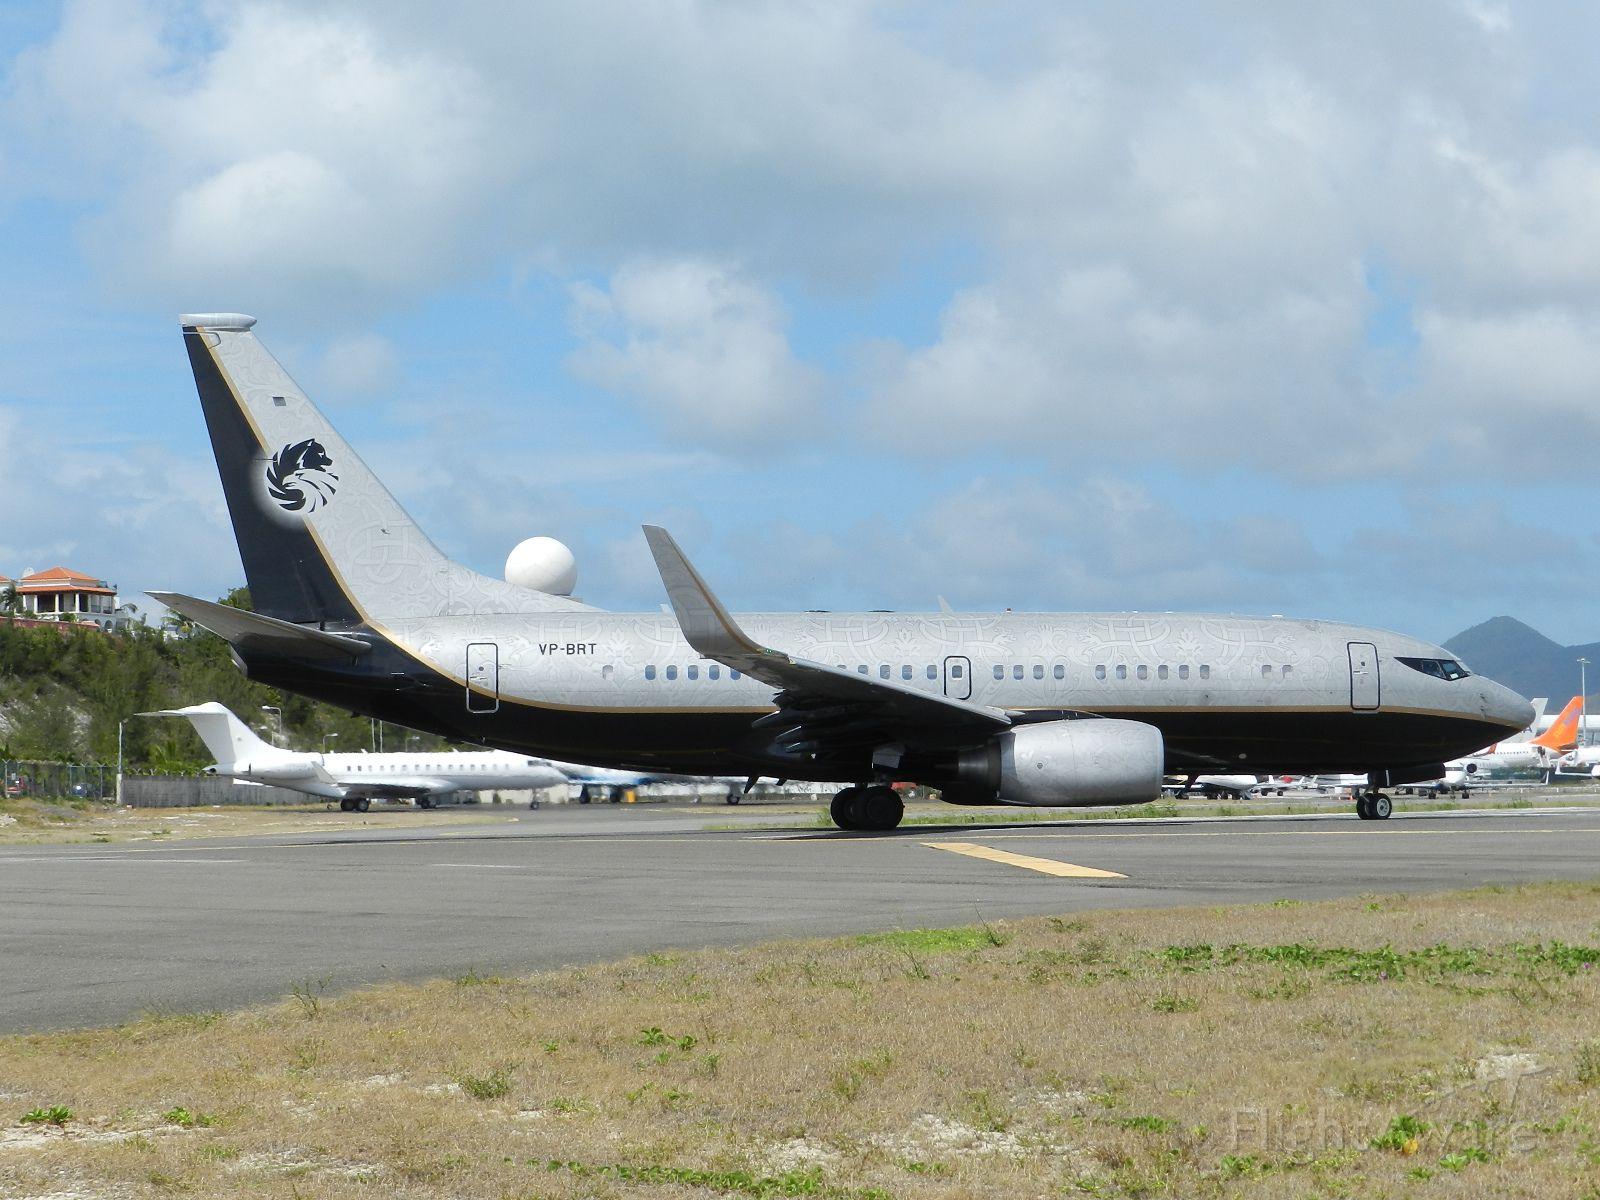 Boeing 737-700 (VP-BRT)